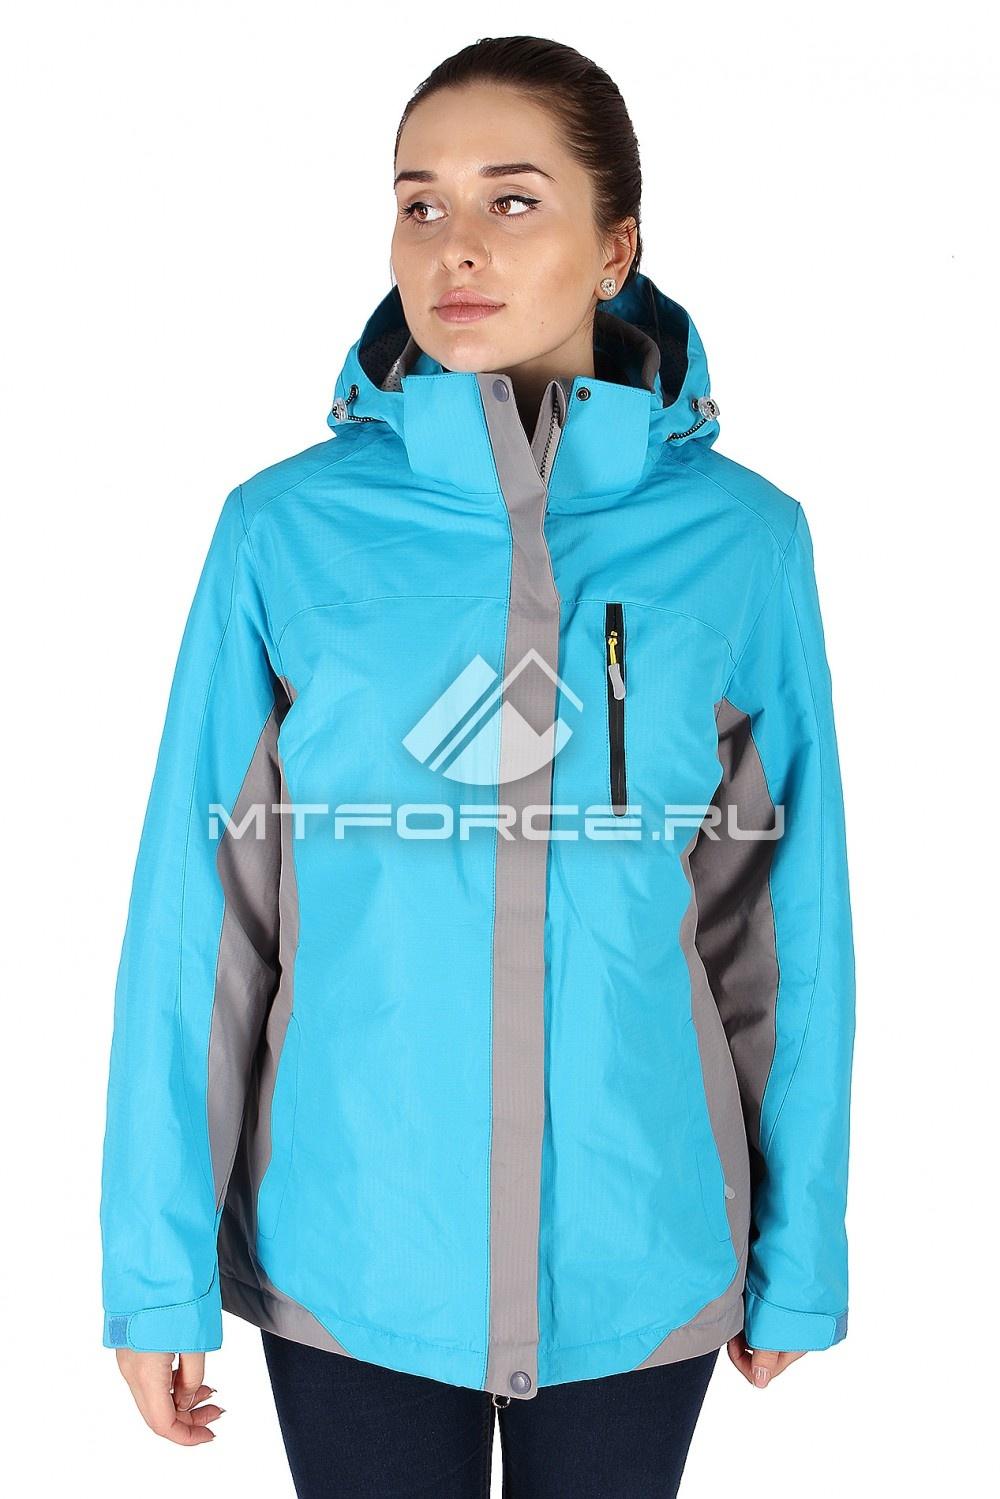 Купить                                  оптом Куртка спортивная женская батал синего цвета 626S